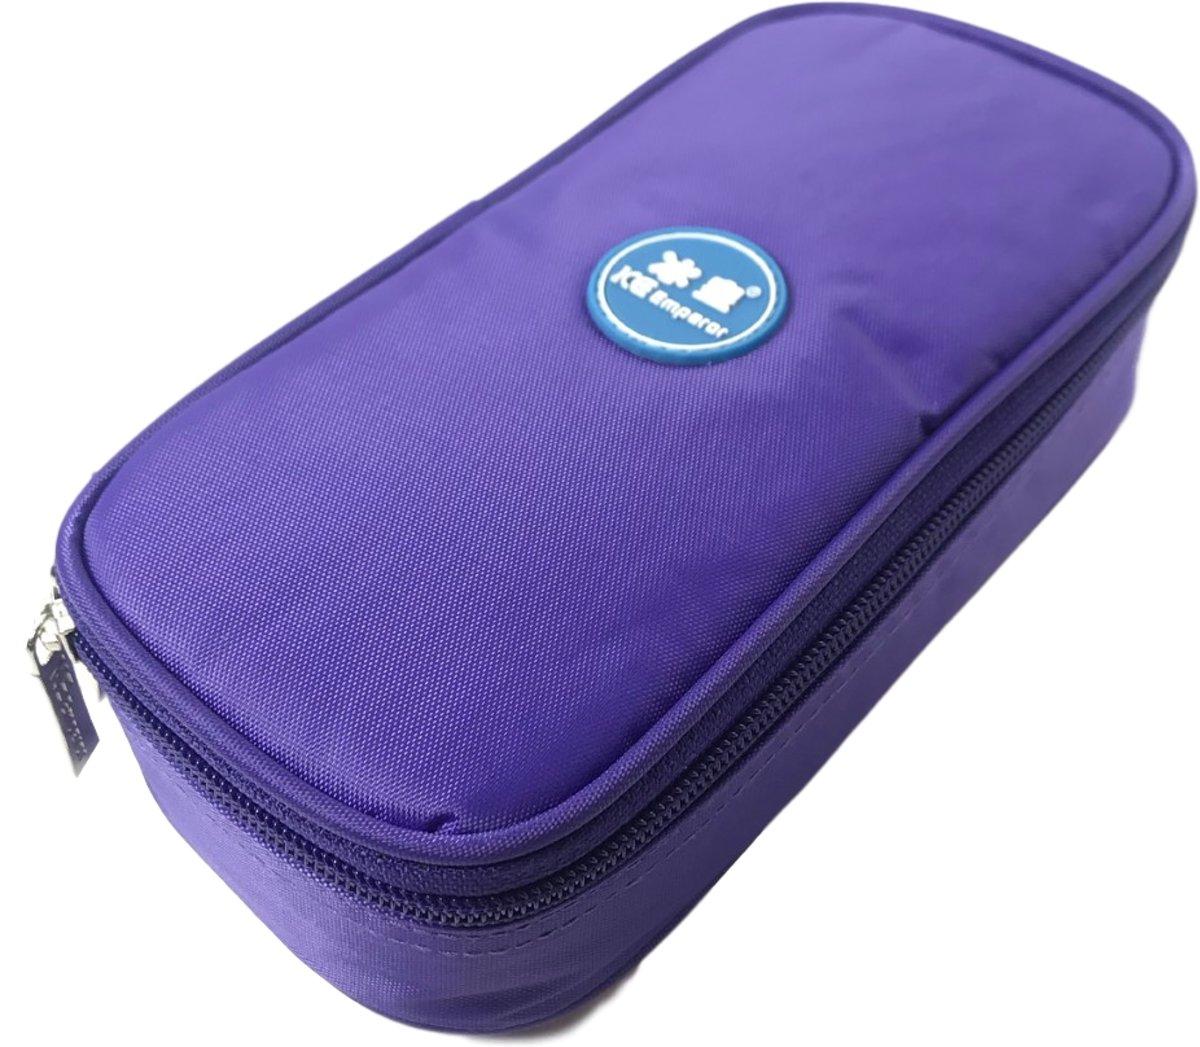 Koeltas PAARS Opbergtas voor Insuline Spuiten / Prikpennen voor Diabetes | Ideaal voor vakantie en op reis | Gekoelde opslag bij suikerziekte | Compacte opslag voor Diabetis benodigdheden | Isoleert prima | Met Thermometer